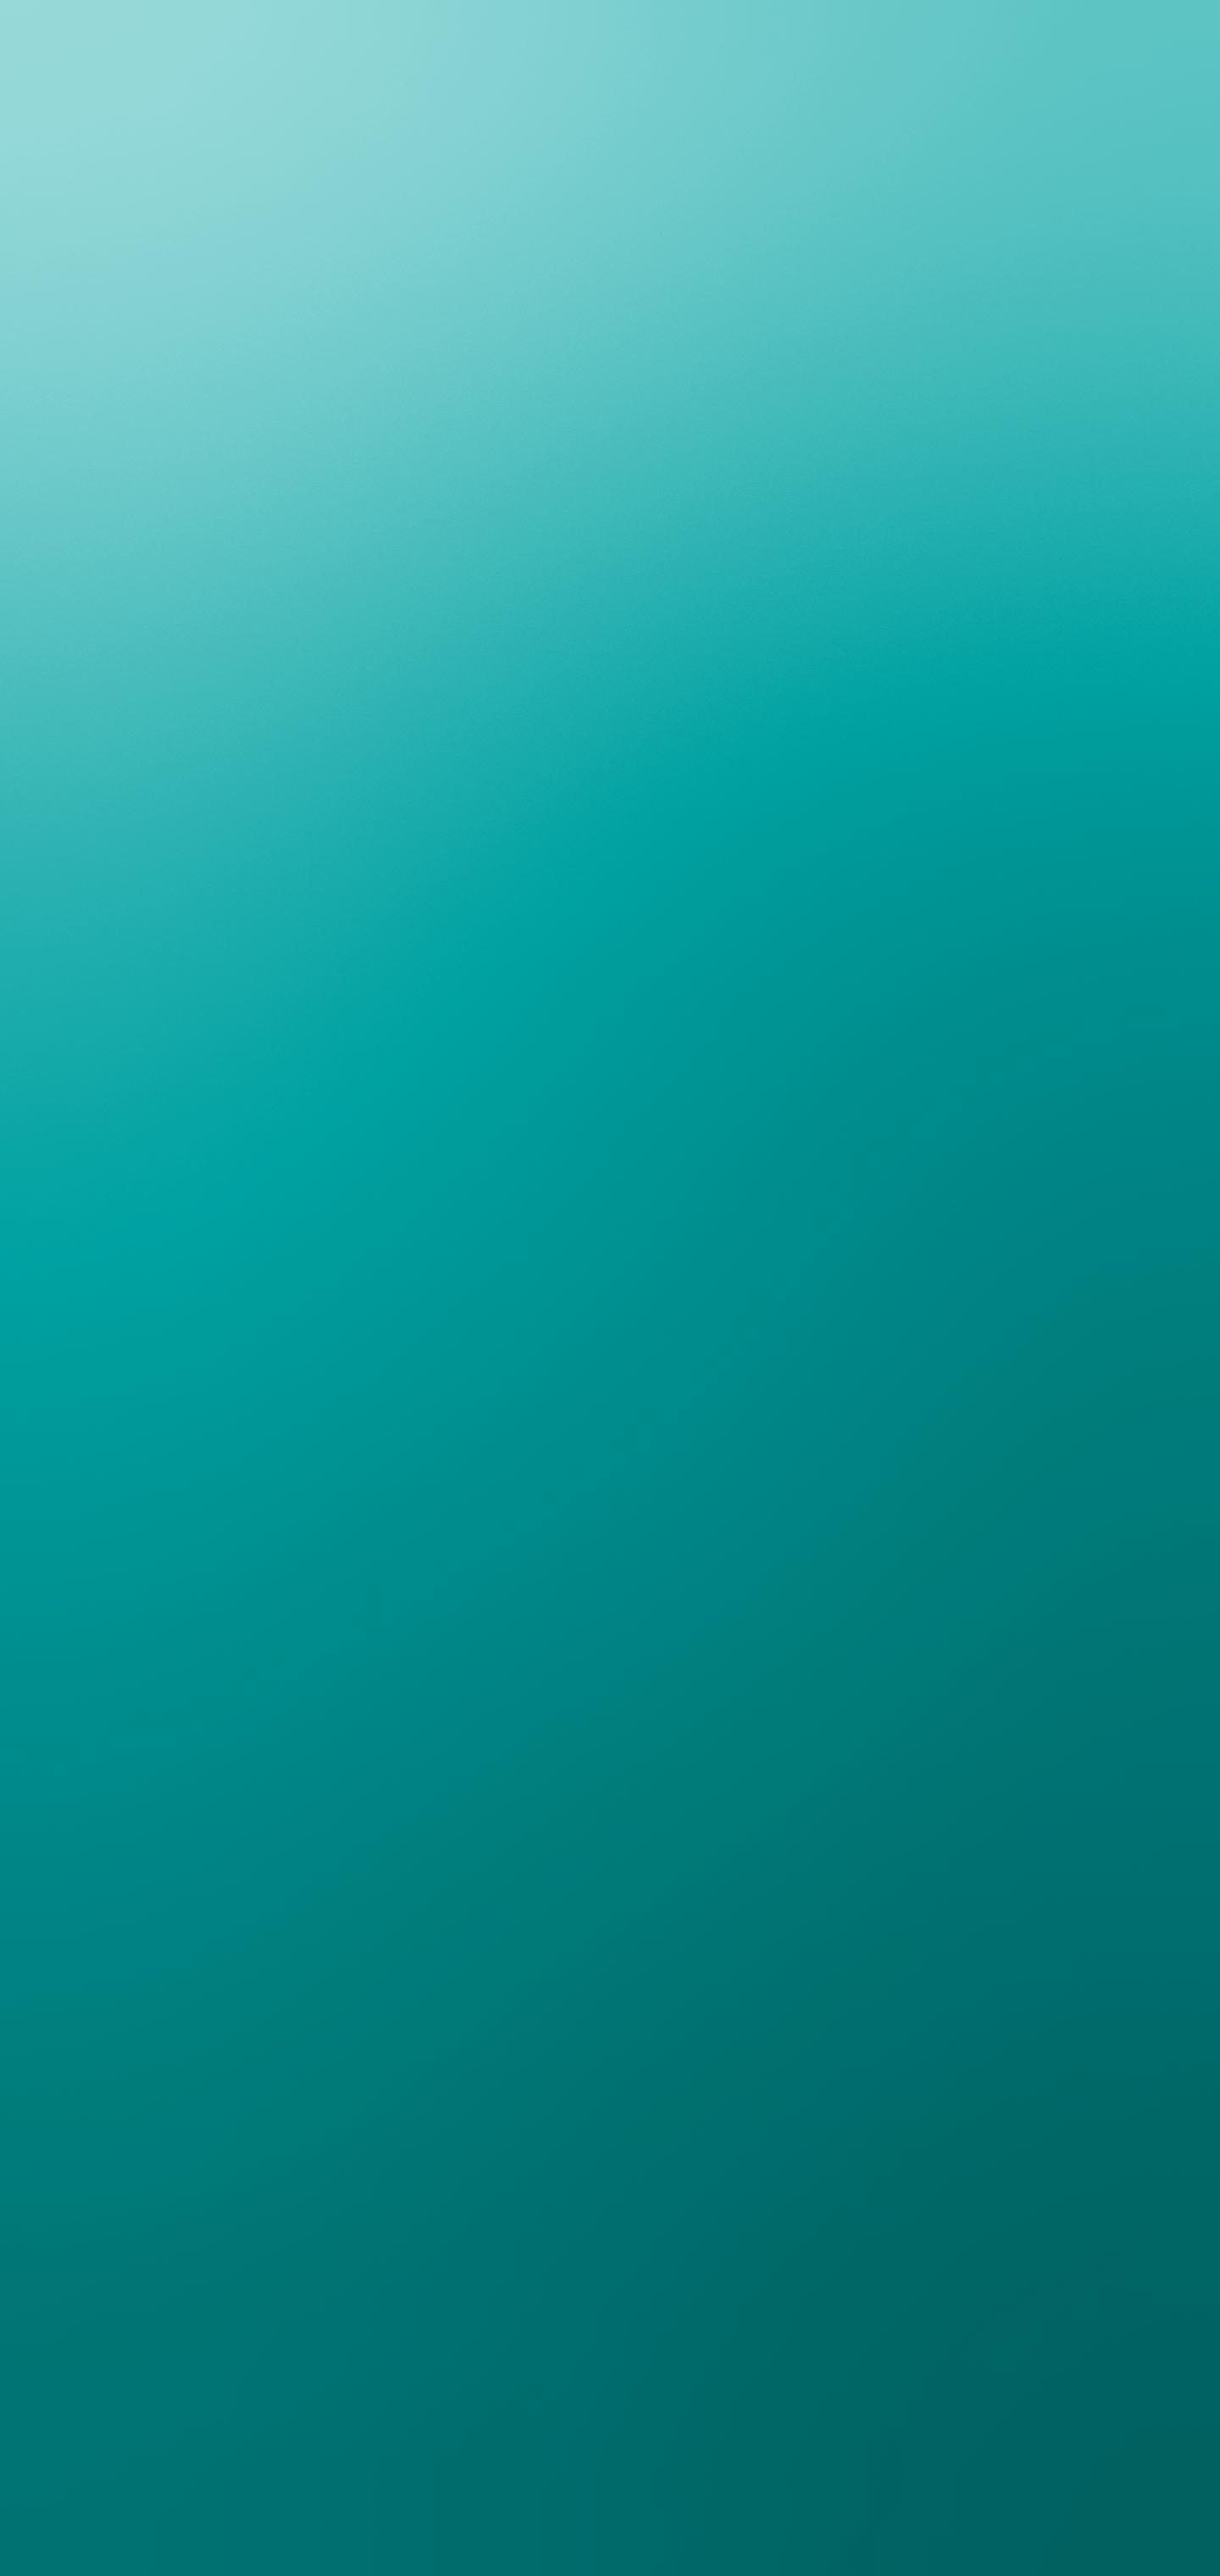 gradient iPhone wallpaper marcusbremen idownloadblog turquoise